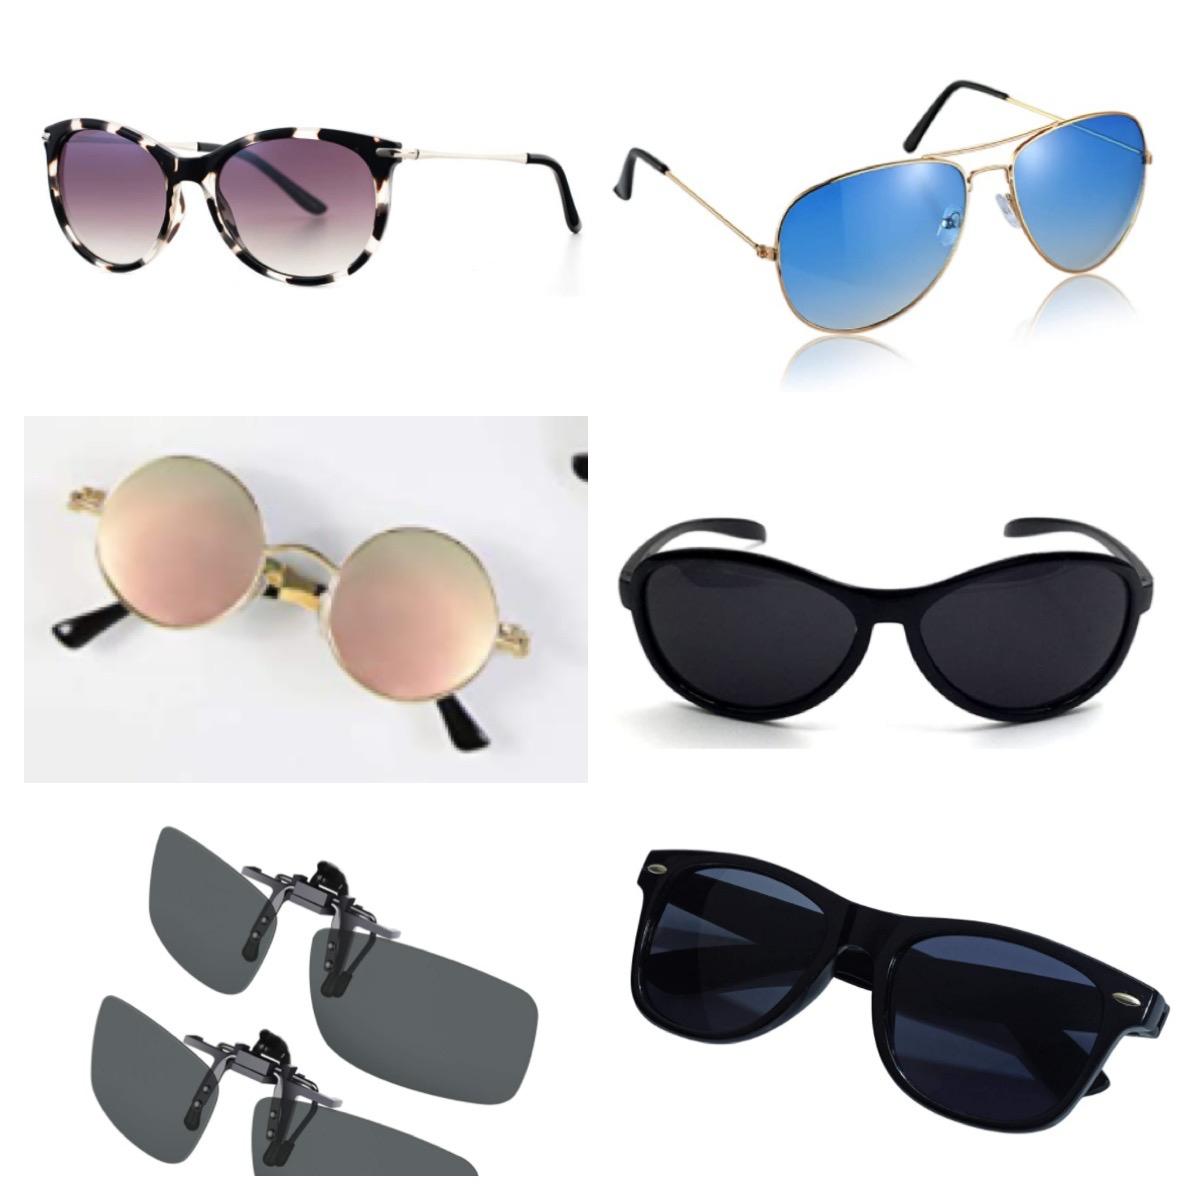 Reco Gafas de Sol (hombres/mujeres) por menos de 6€ y 4 estrellas o más